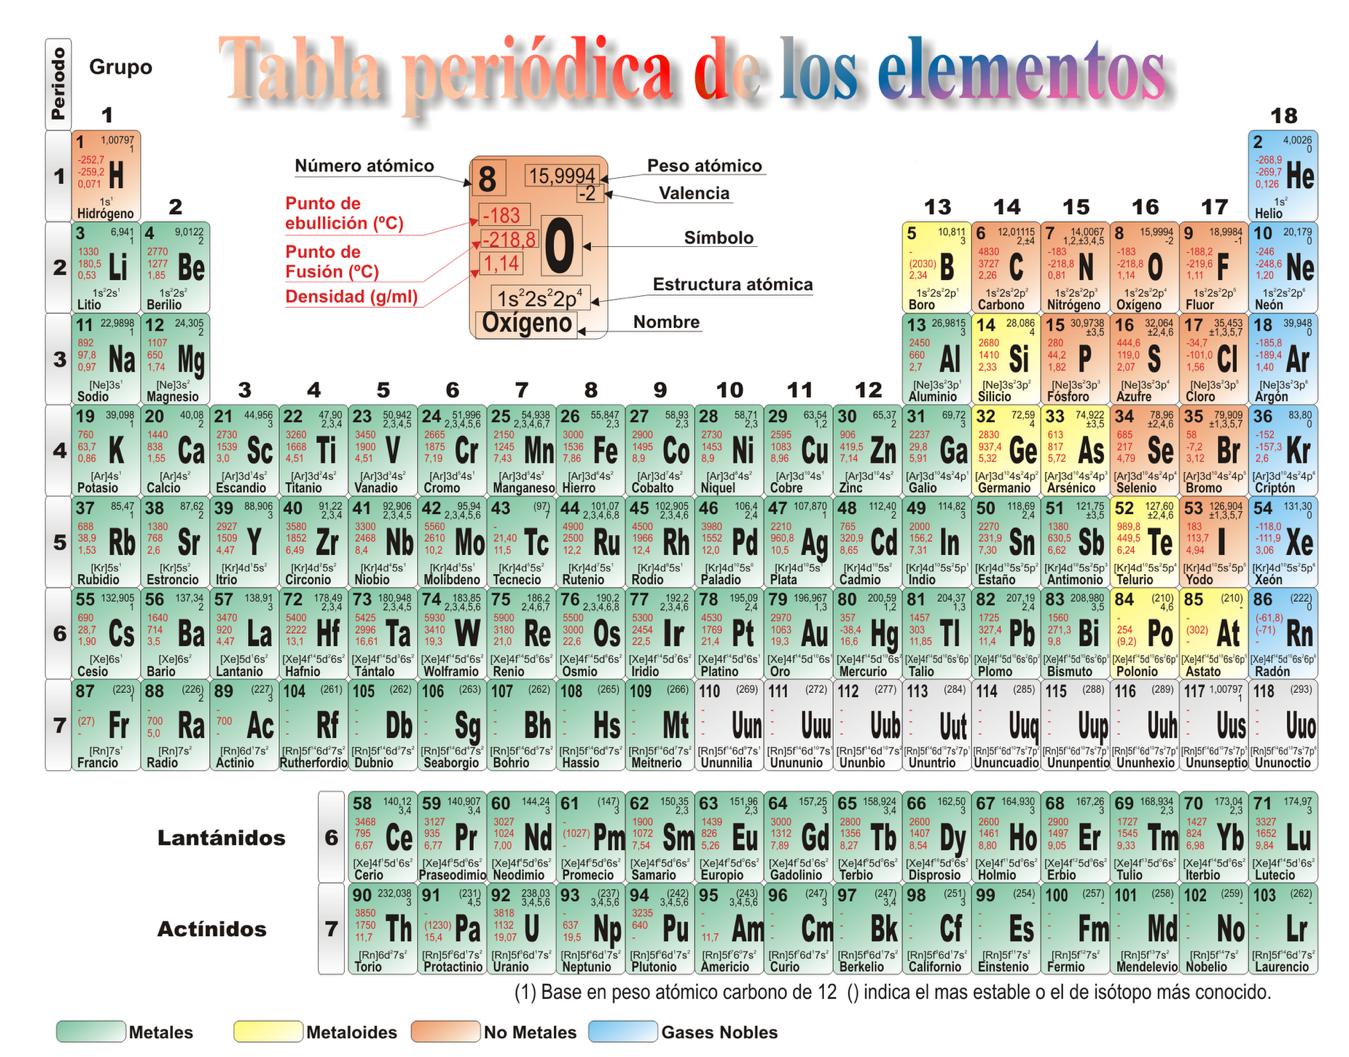 Imagenes de la tabla periodica pdftabla periodica de los elementos cdr imagenes de la tabla periodica urtaz Images